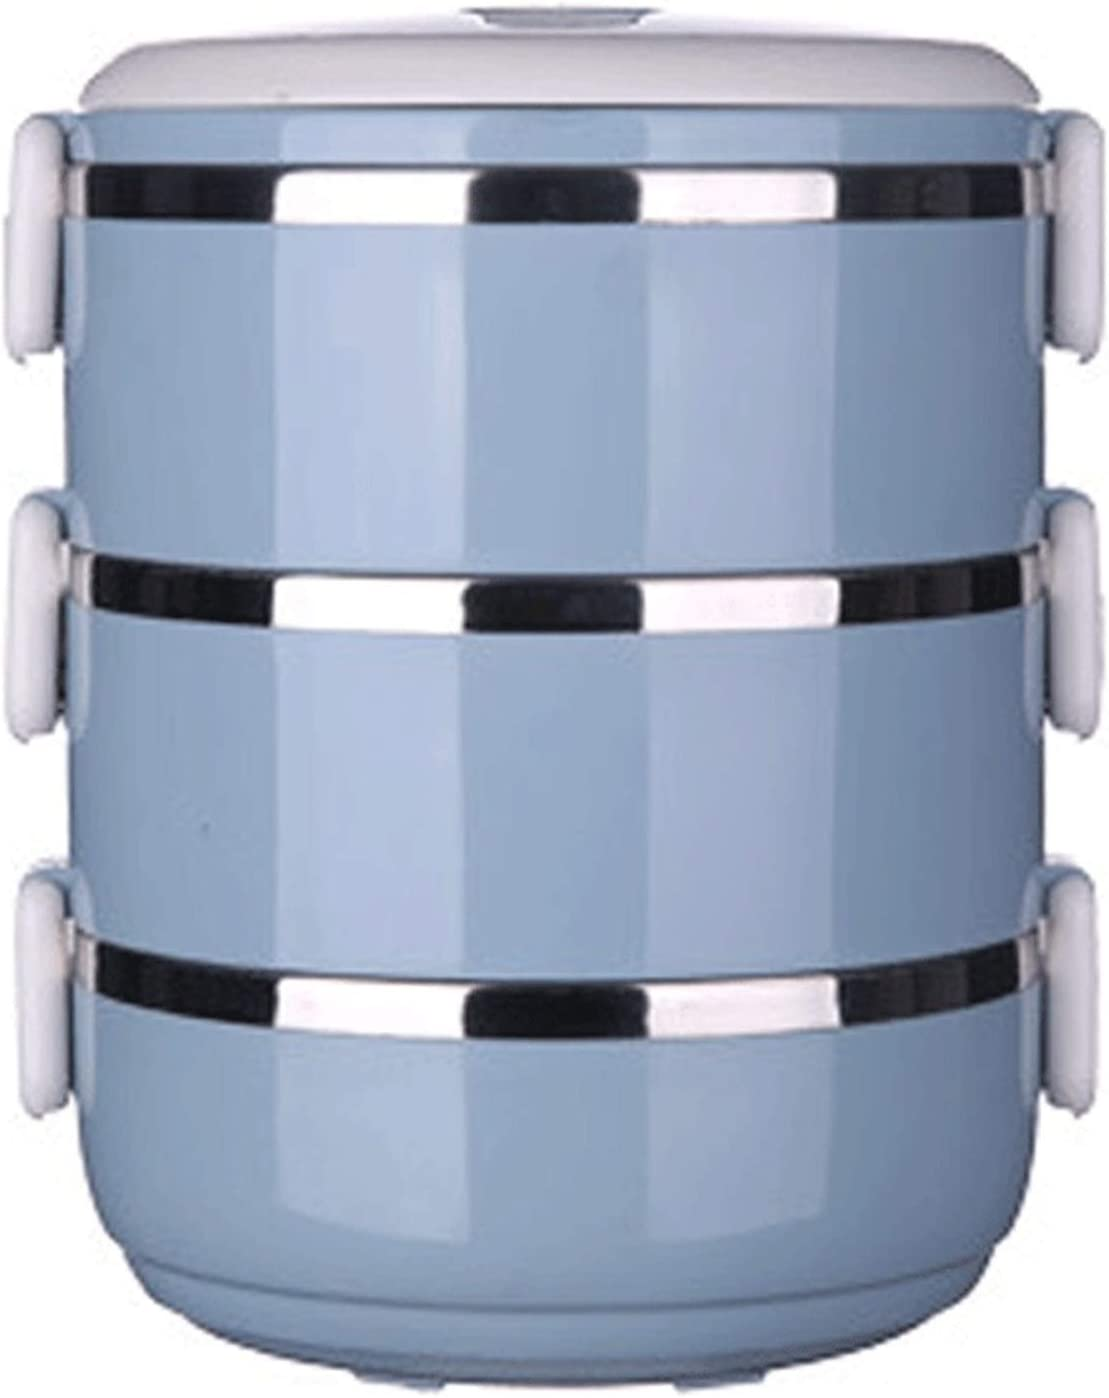 Lunch Box Caja de acero inoxidable sellada doble redonda para estudiantes (color: azul)